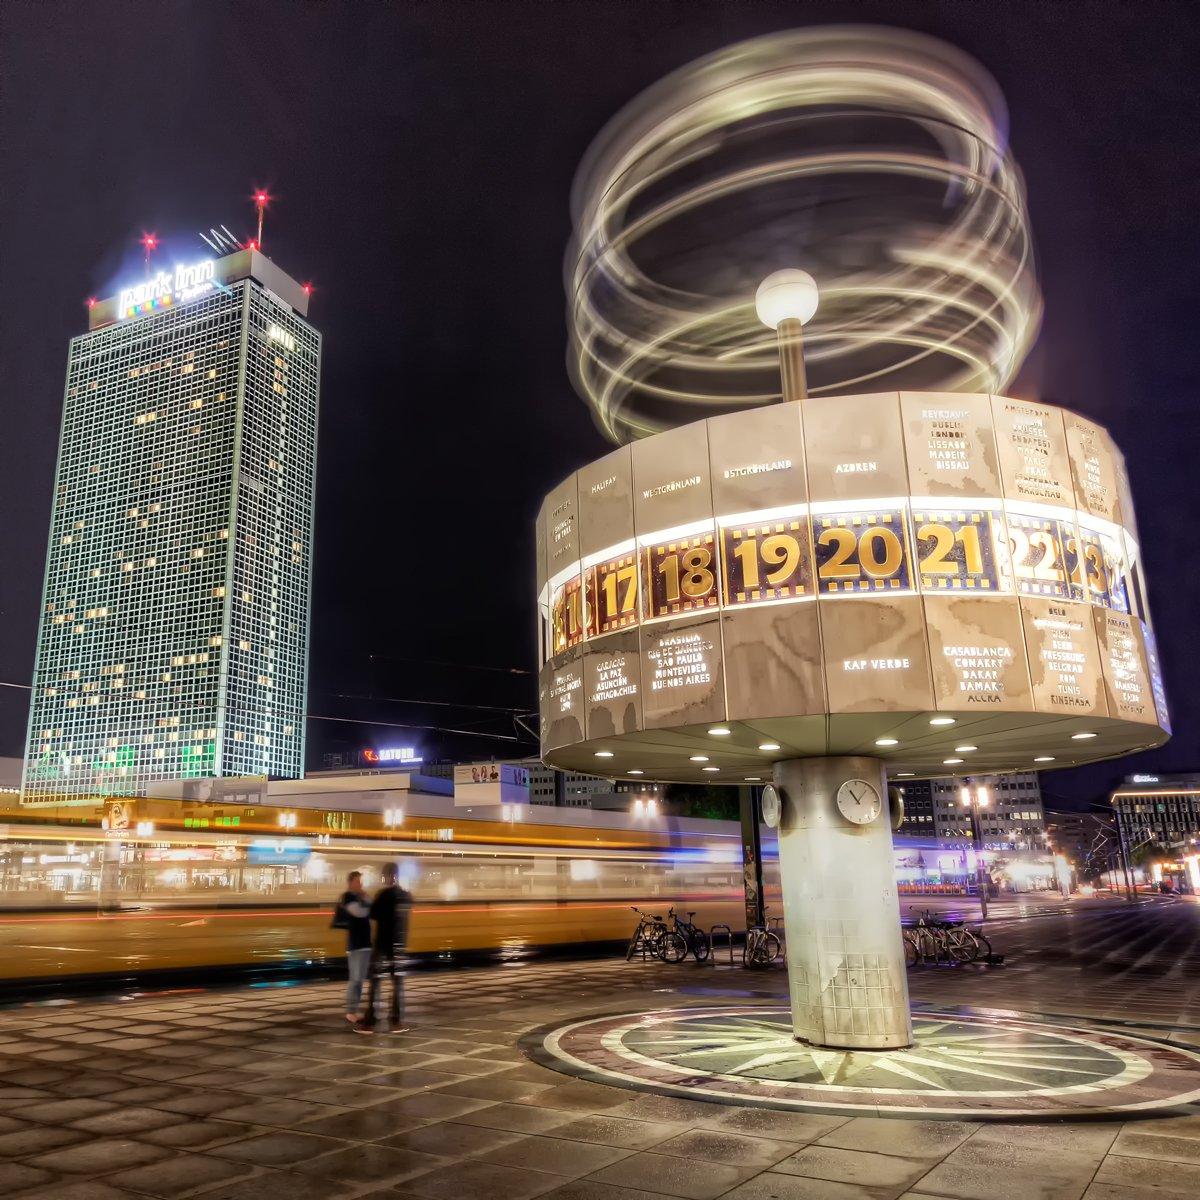 Weltzeituhr in Berlin auf dem Alexanderplatz bei Nacht